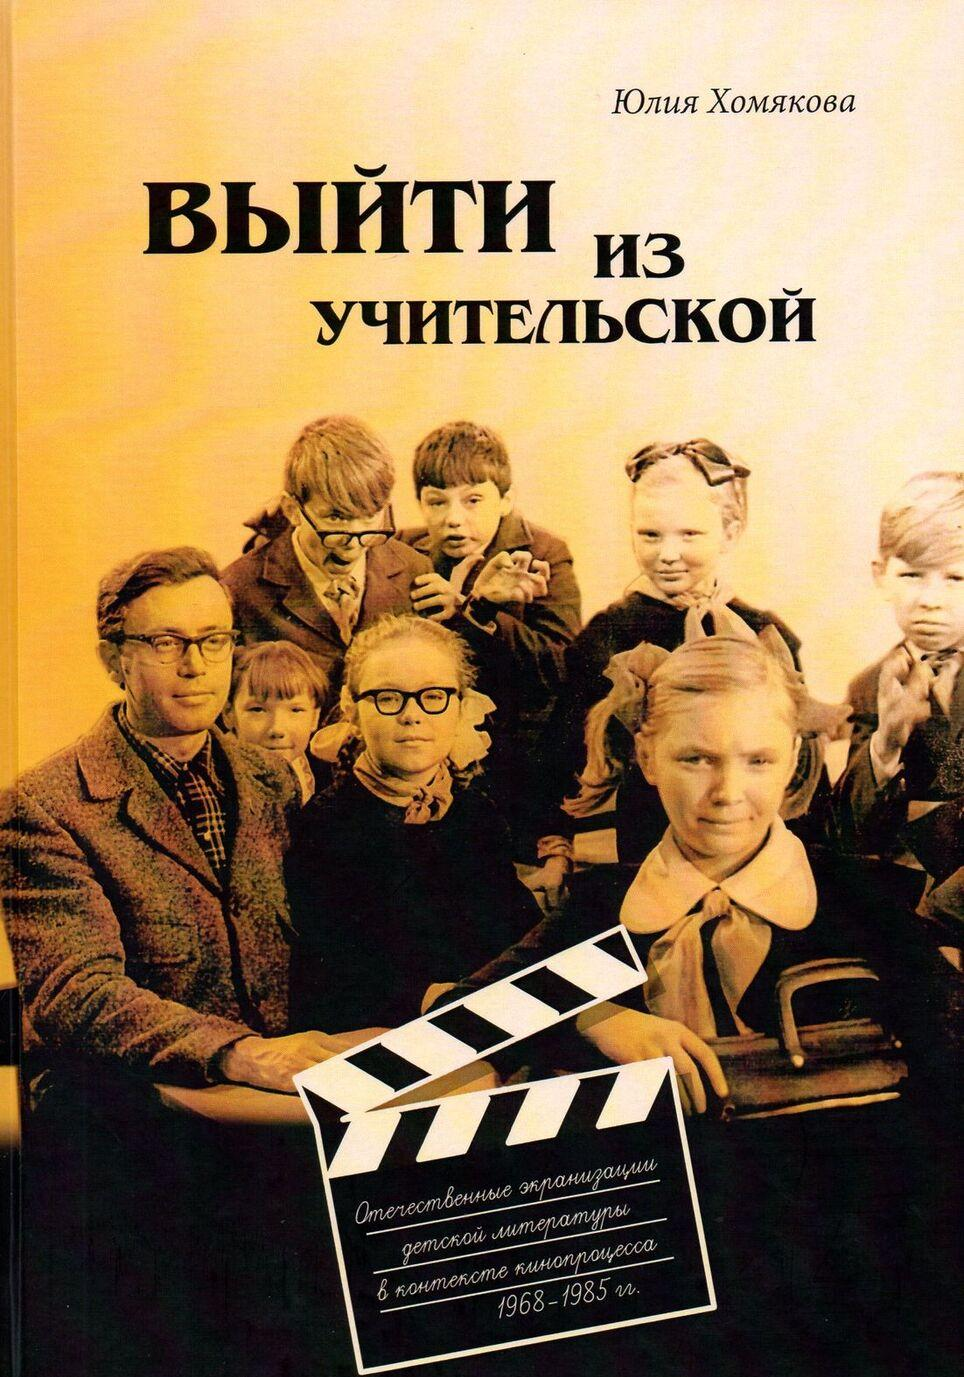 Vyjti iz uchitelskoj. Otechestvennye ekranizatsii detskoj literatury v kontekste kinoprotsessa 1968-1985 gg.